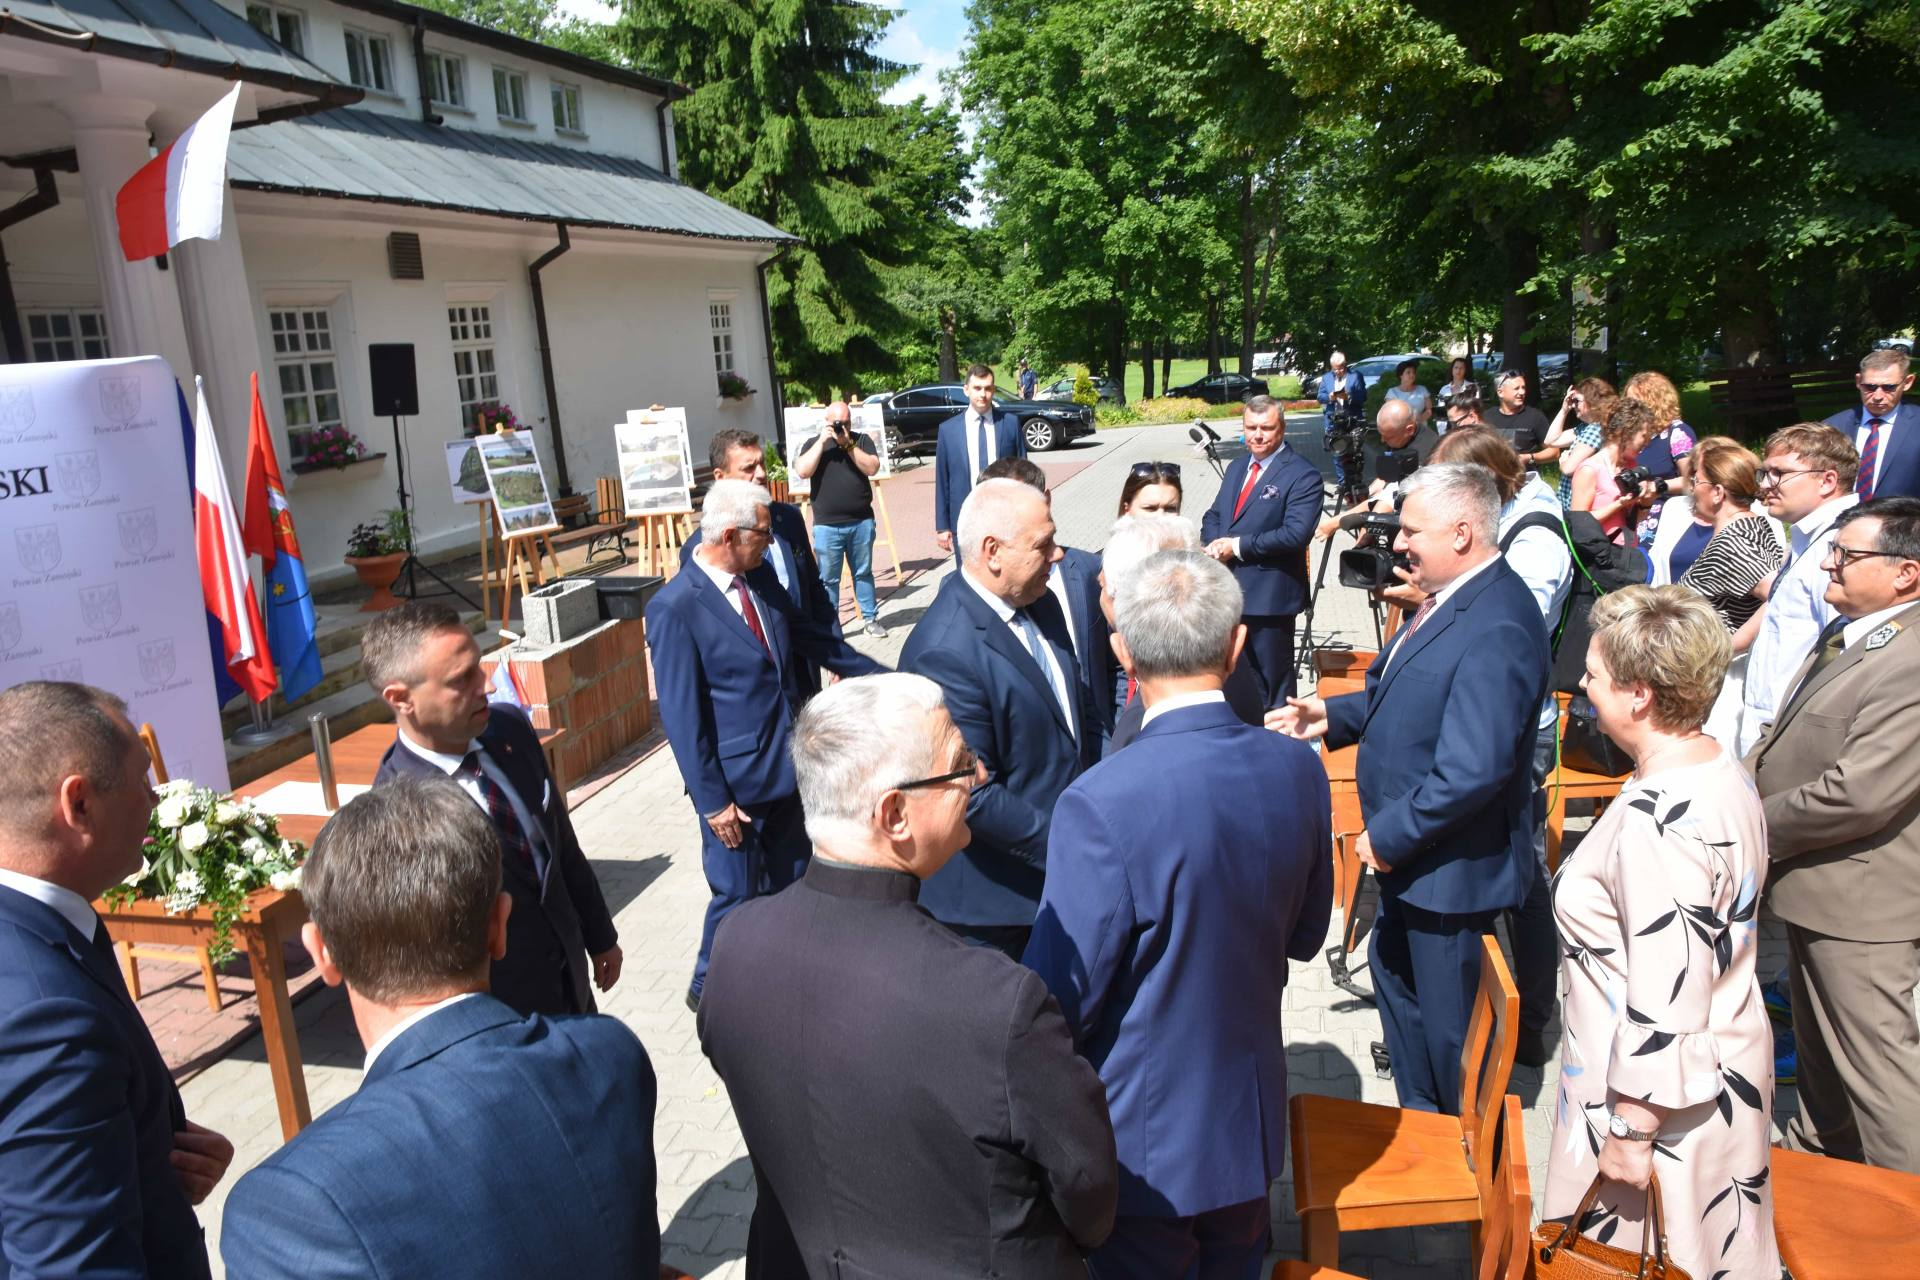 dsc 7419 Za 80 mln zł rozbudowane zostanie sanatorium w Krasnobrodzie.